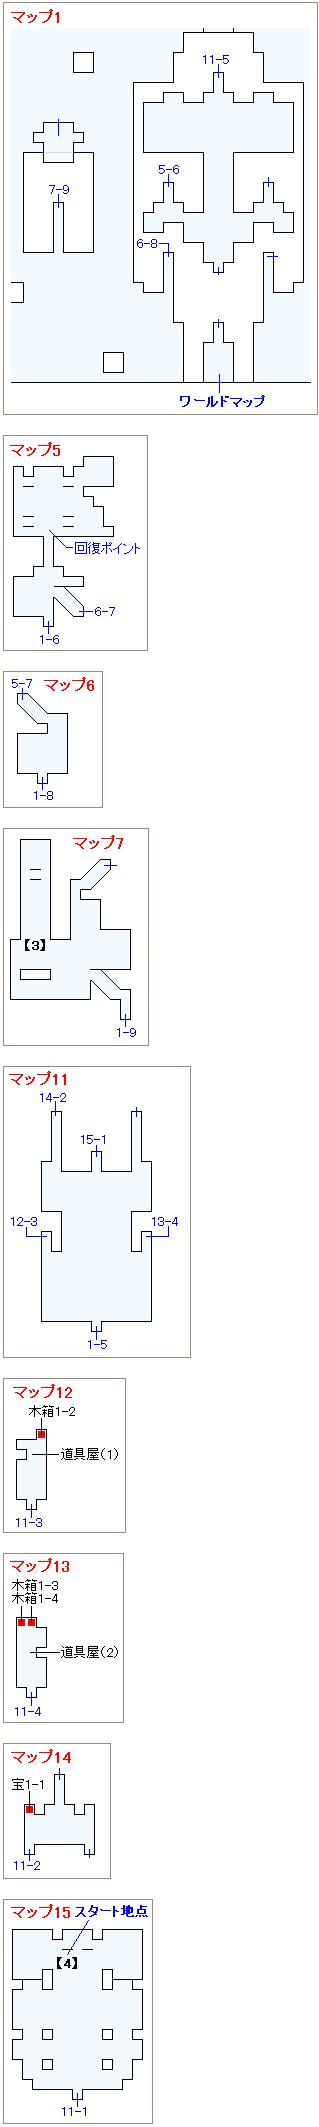 崩壊前チャート1・フィガロ城マップ画像(2)